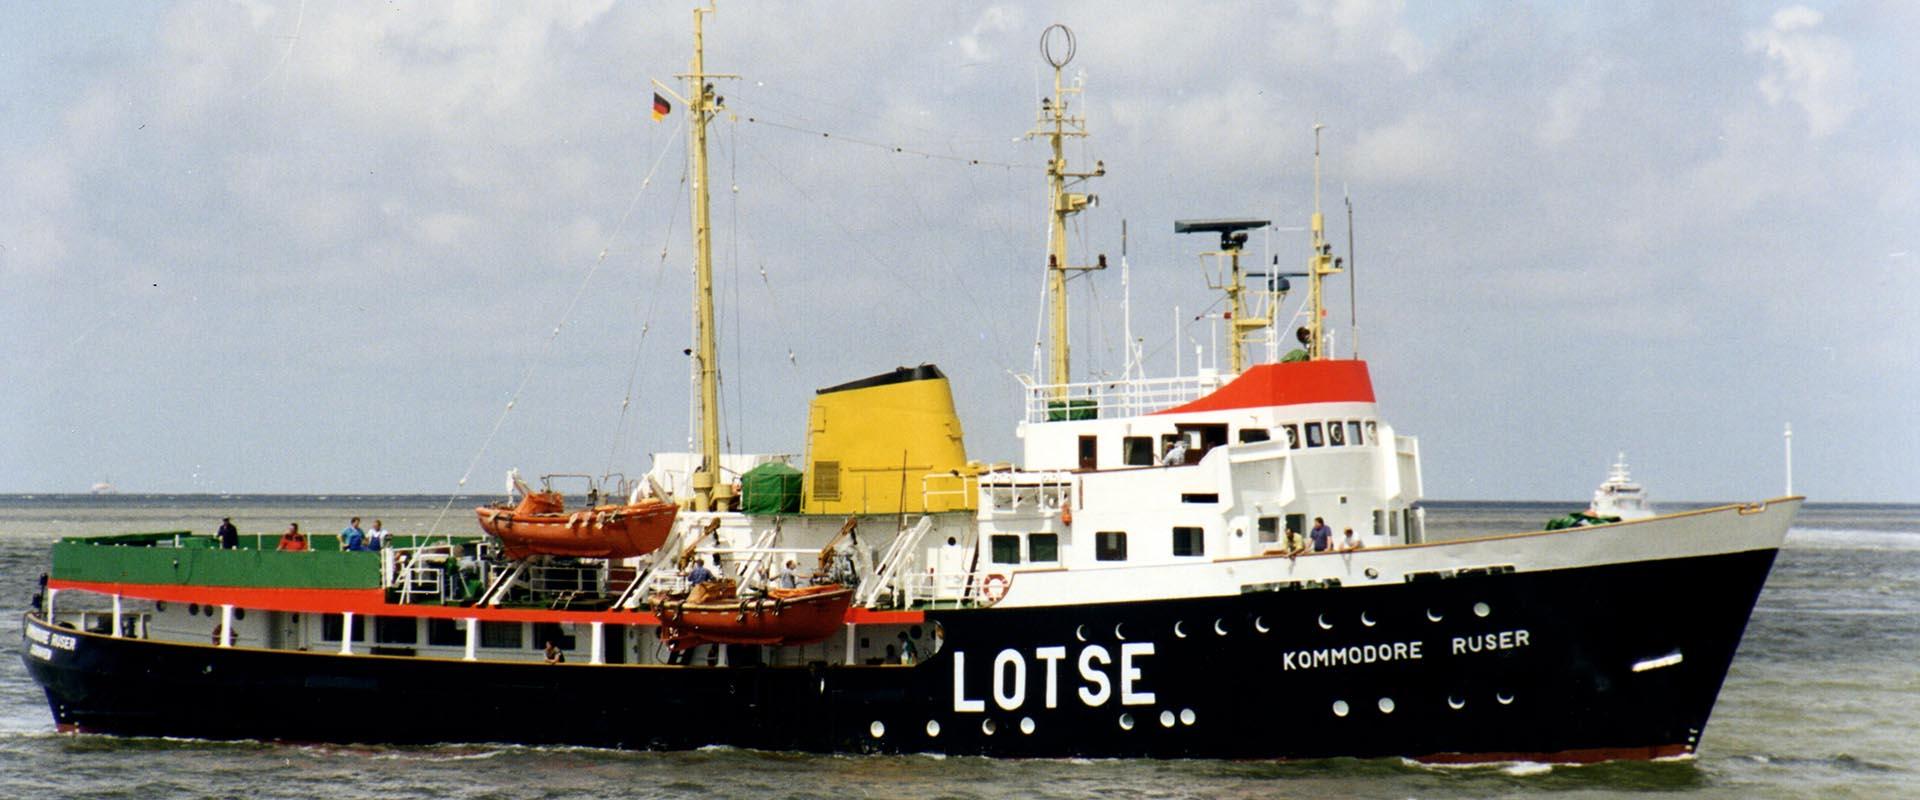 KOMMODORE RUSER im Jahr 1997 auf der Elbe.